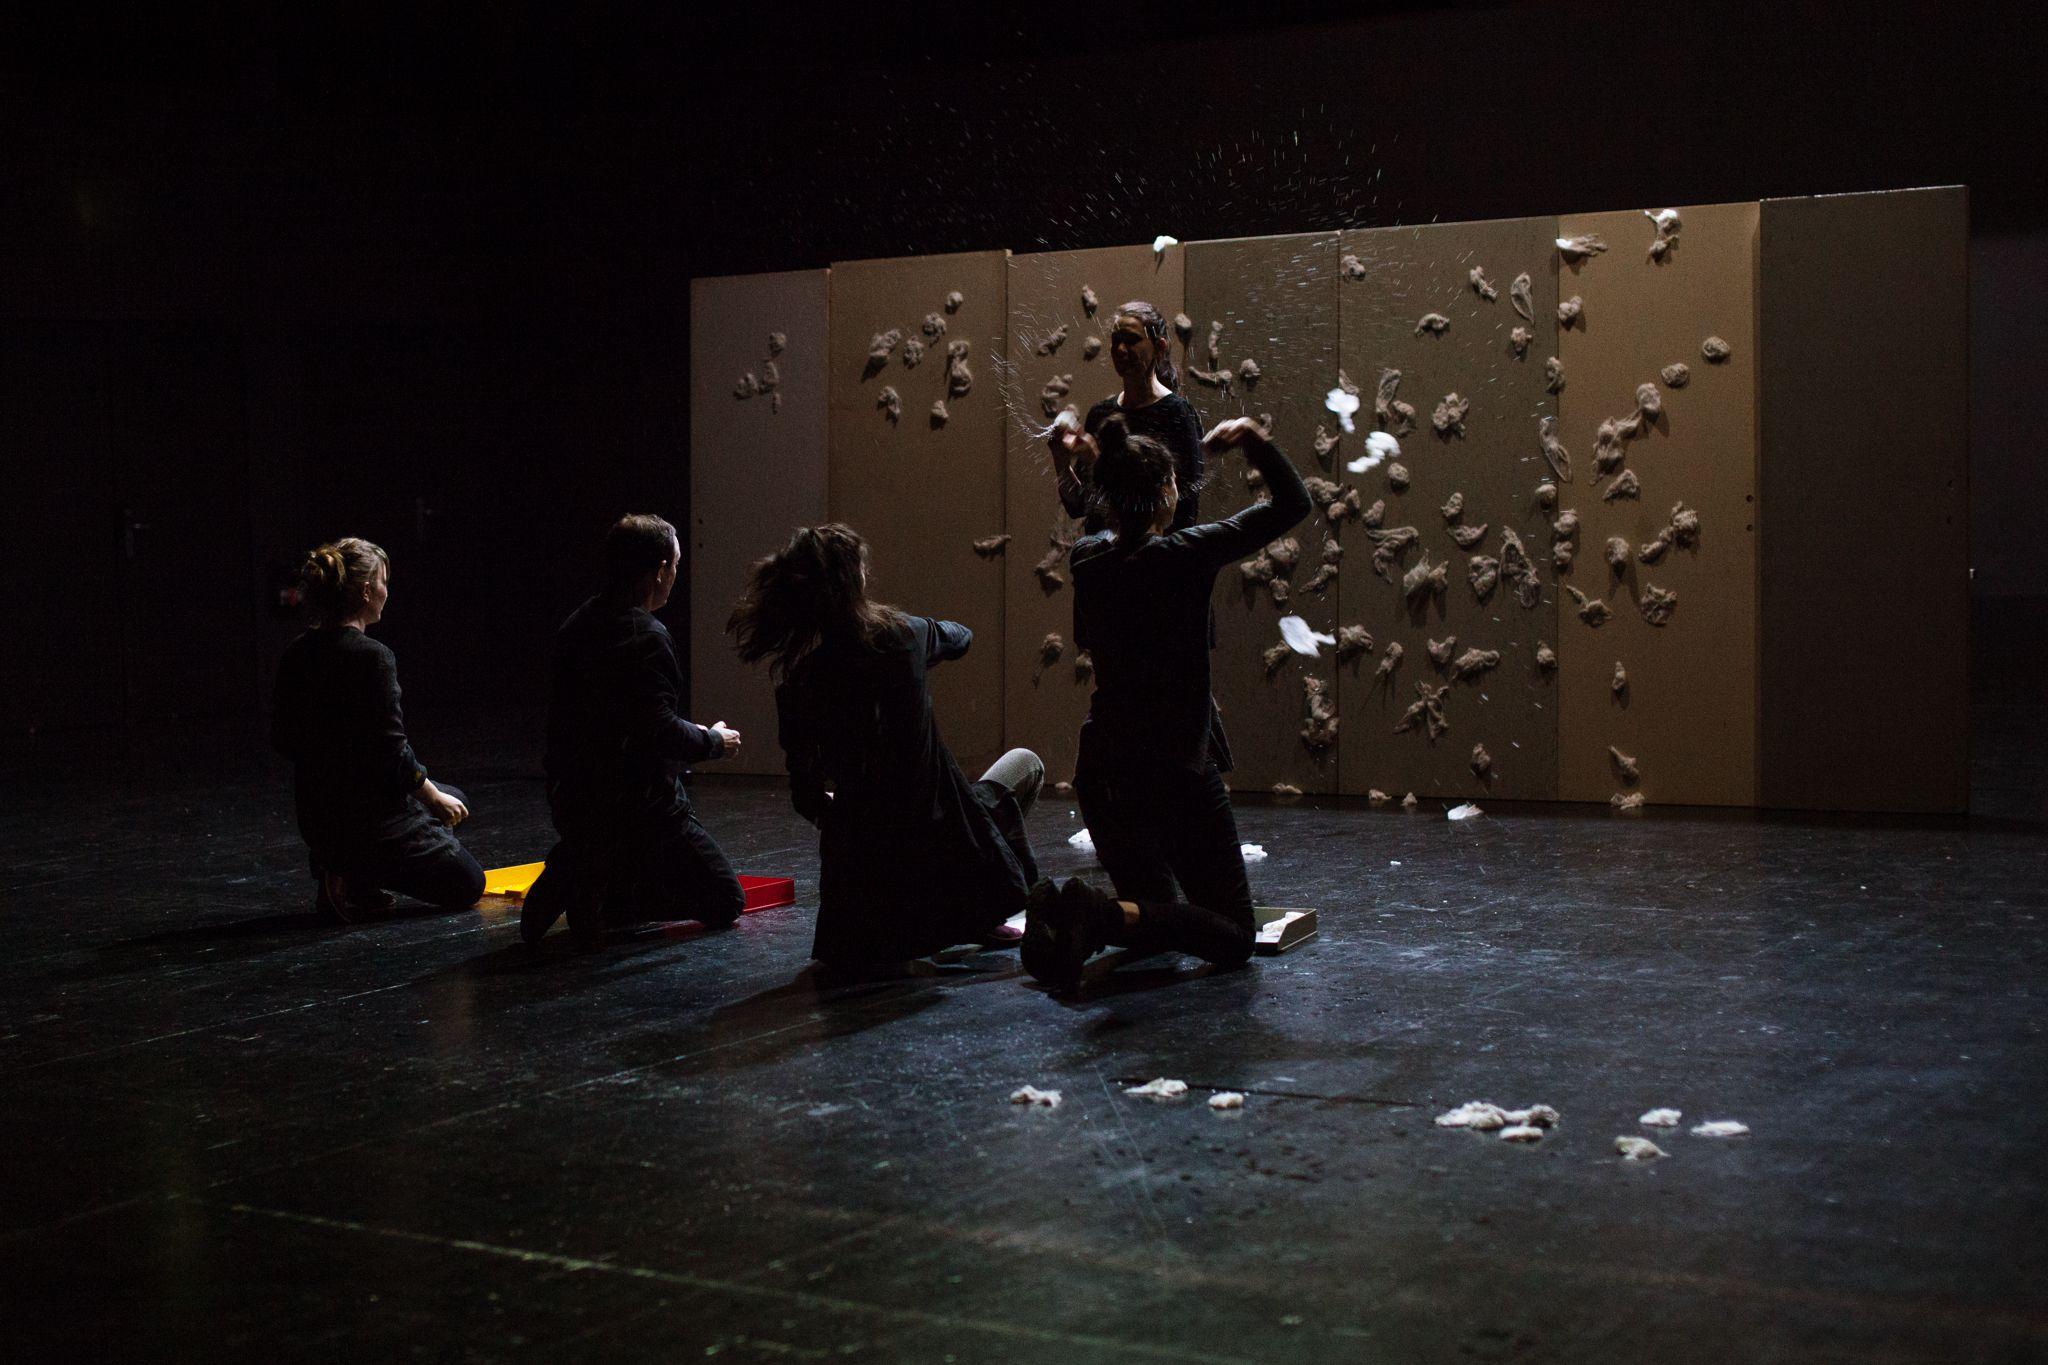 D cris ravage d adeline rosenstein th tre de la - Les trois coups au theatre ...